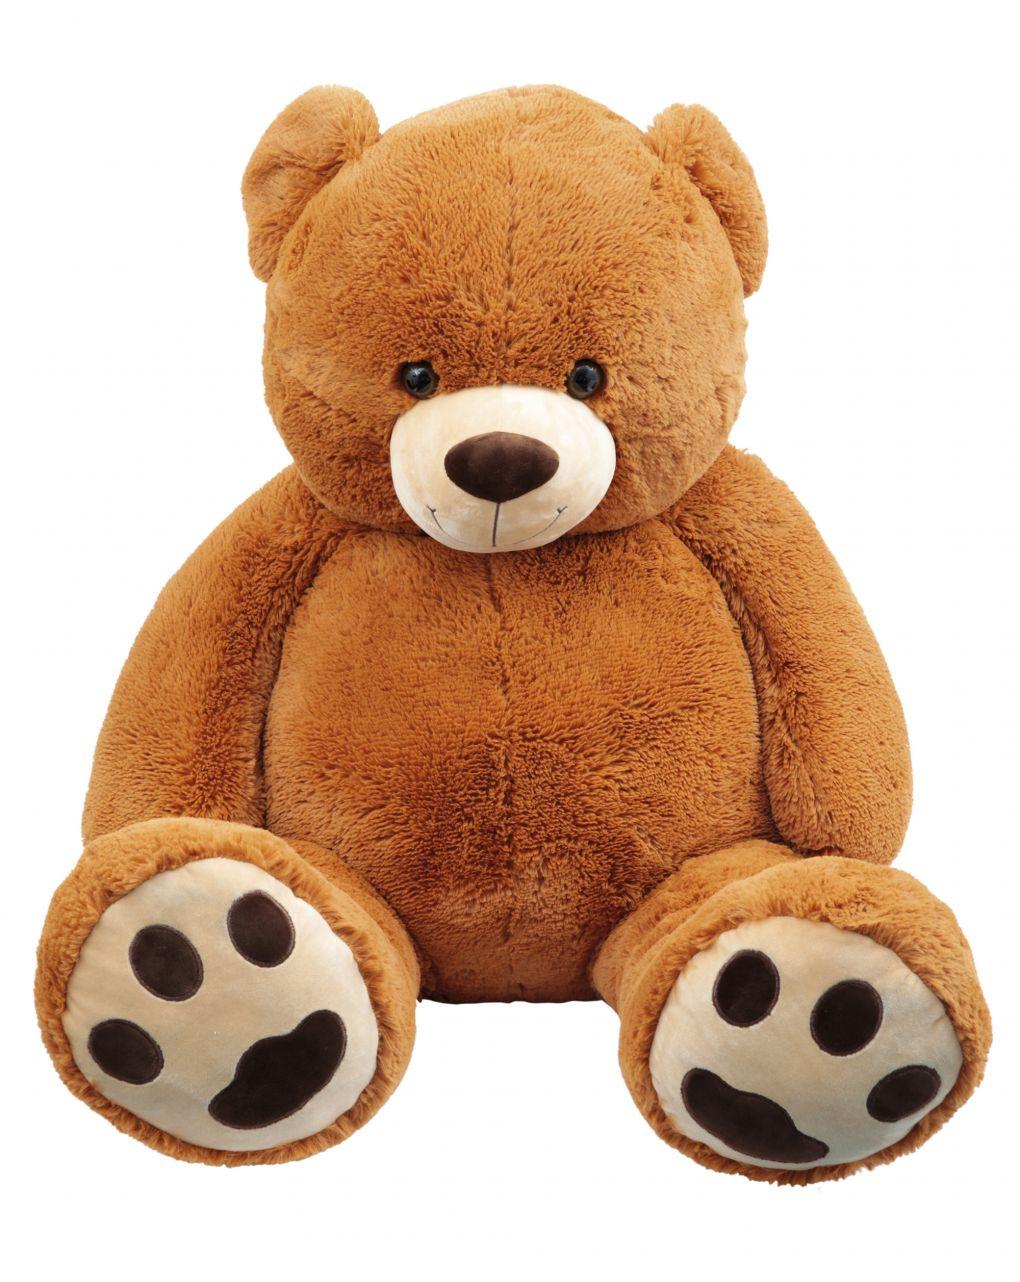 Ami plush - peluche orso 135cm - Ami Plush